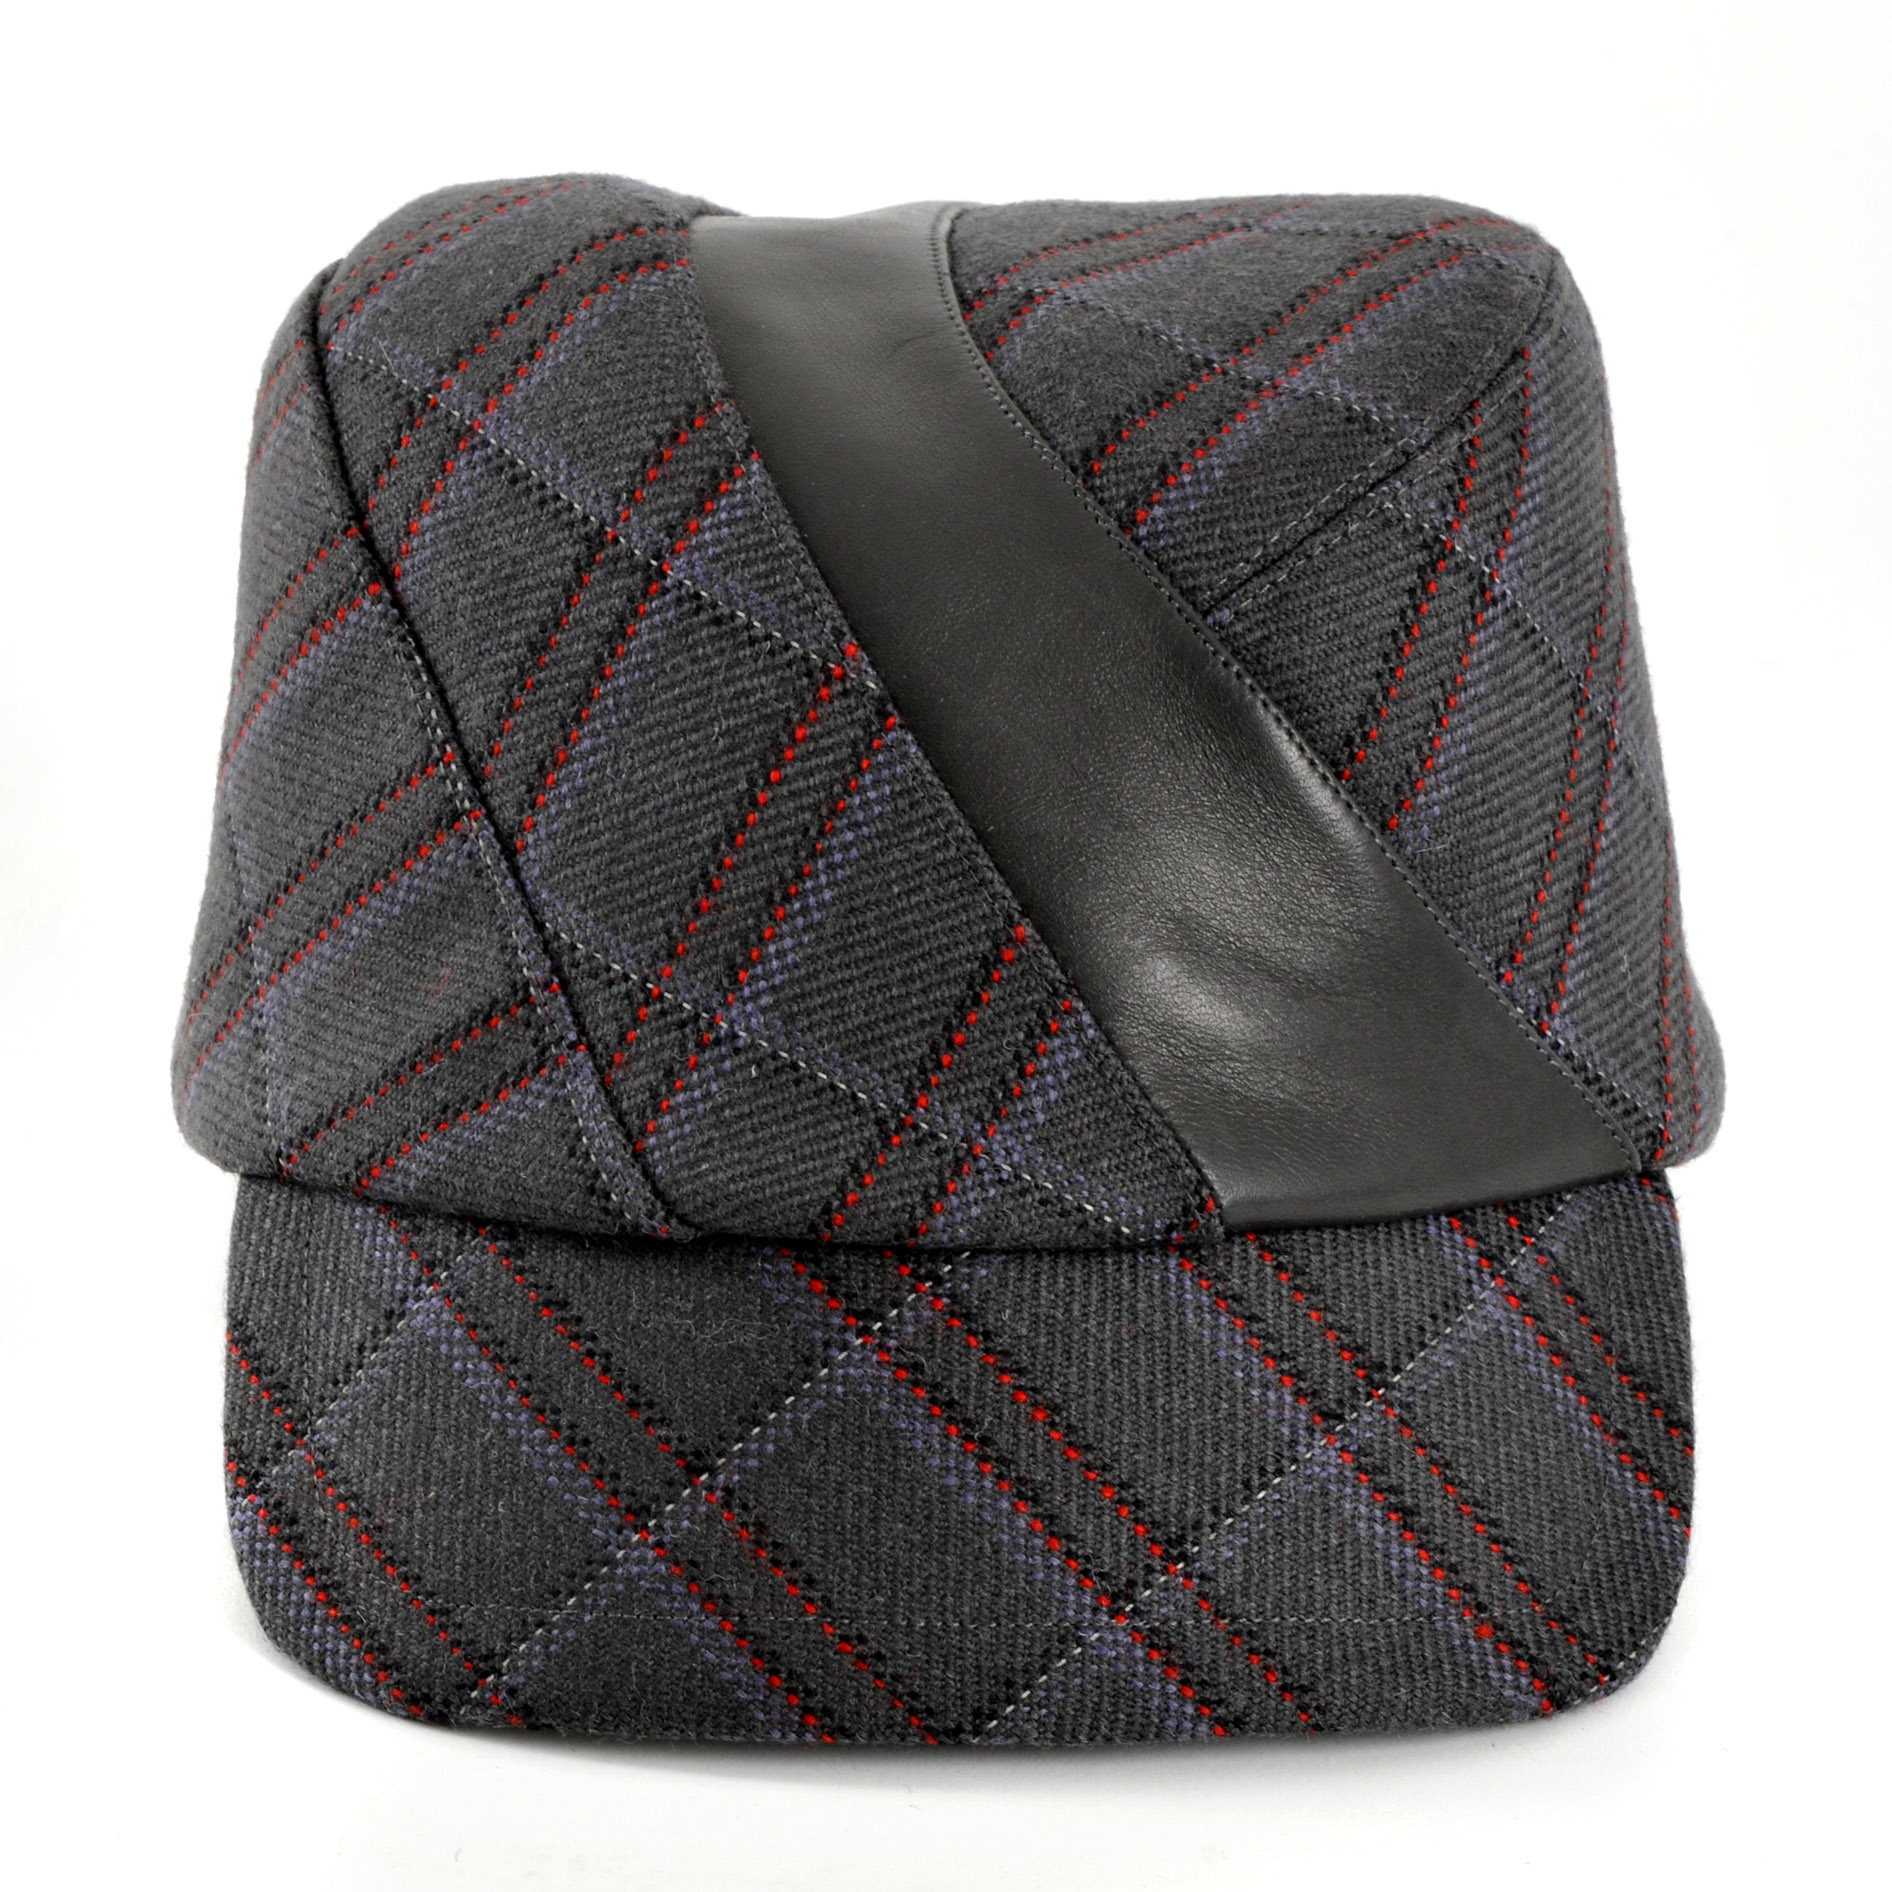 'Jenson/dashing' peaked cap